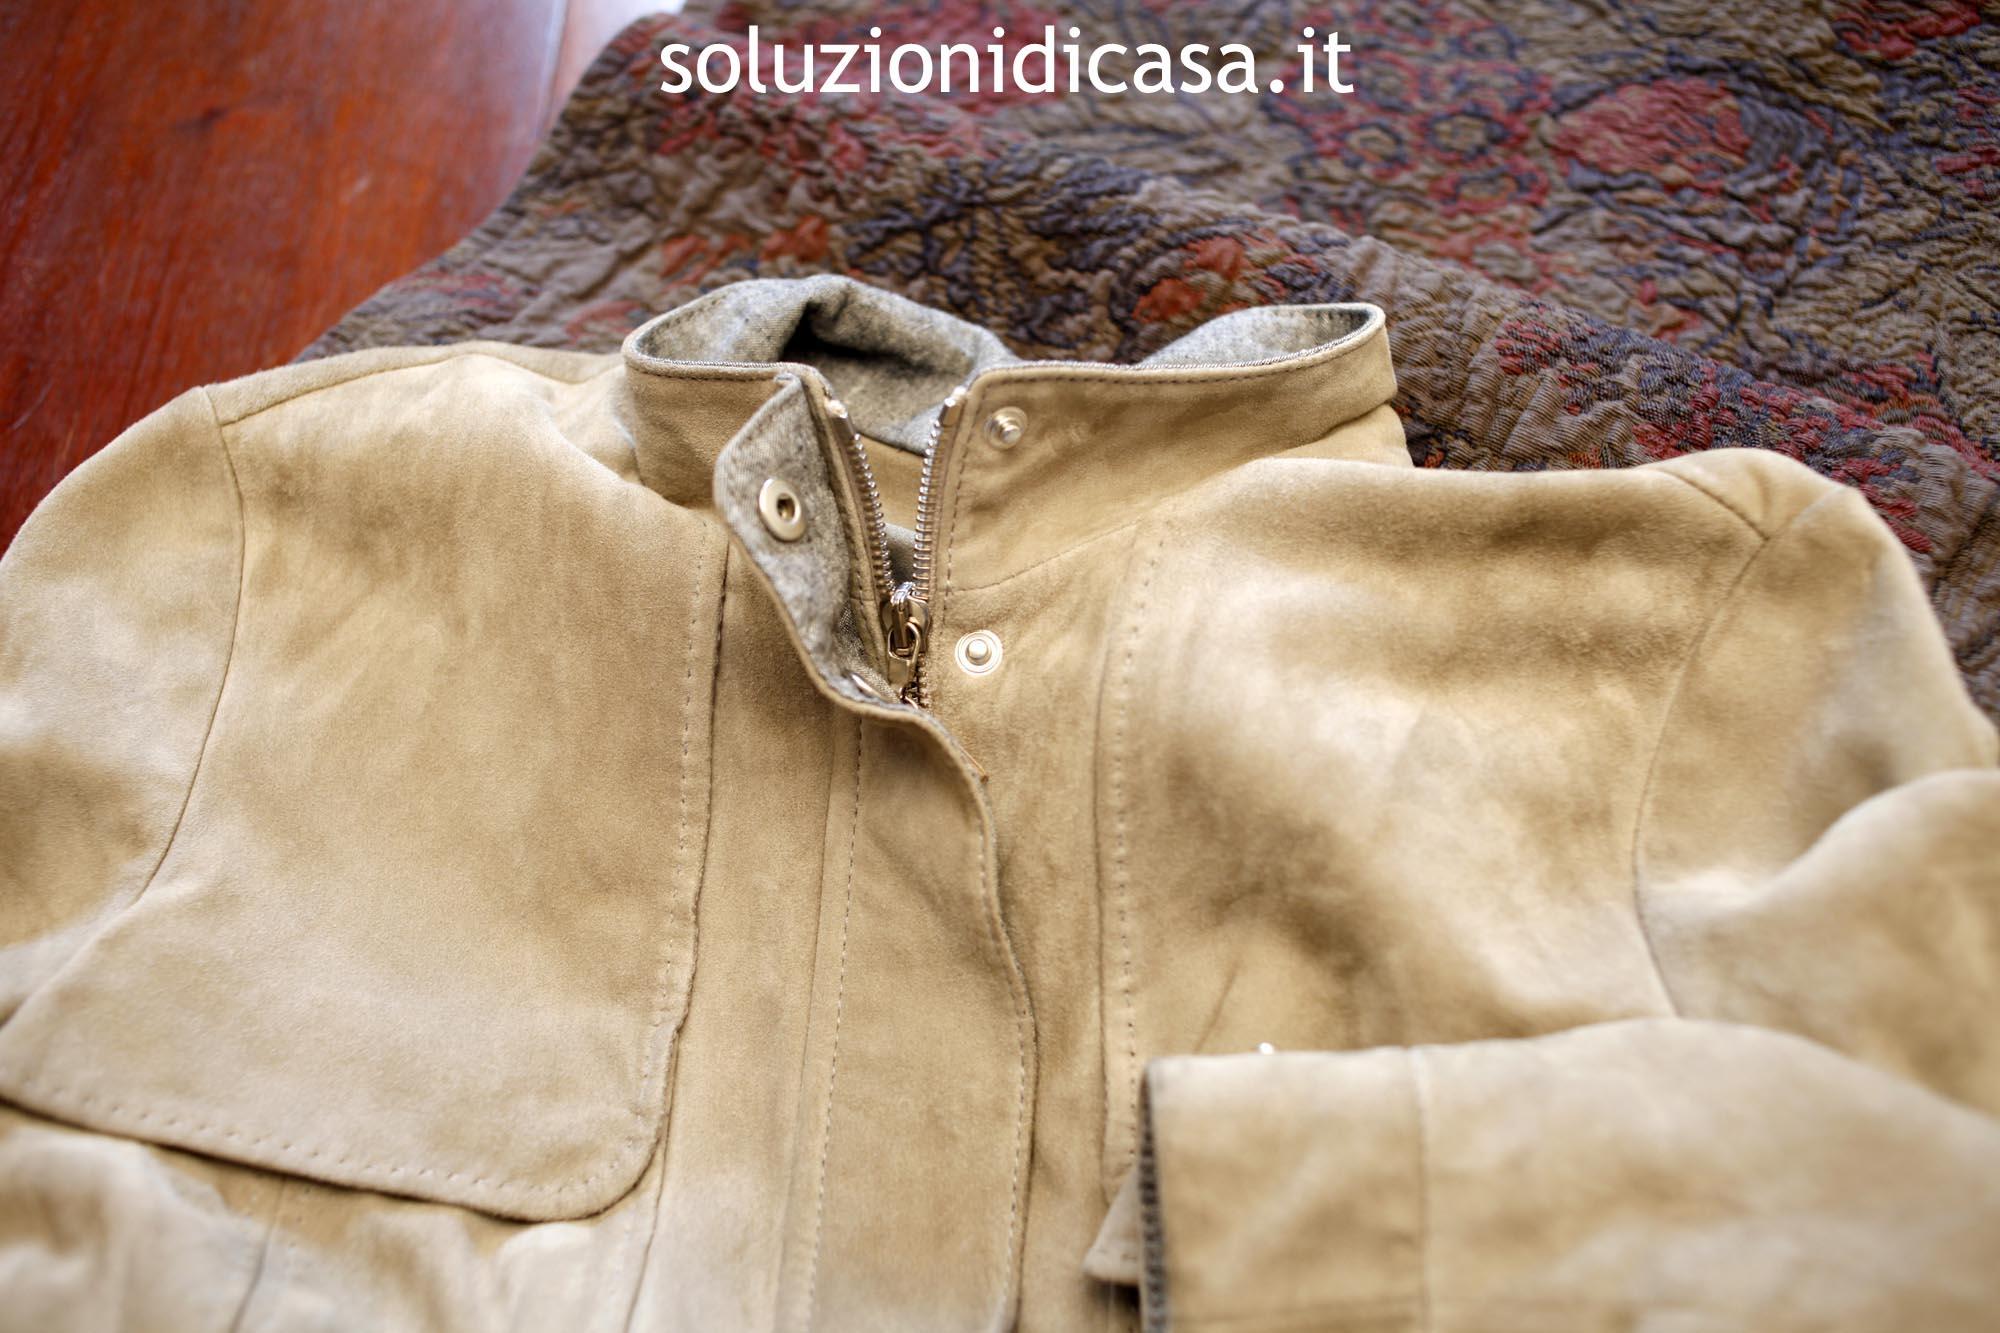 nuovo prodotto 700ab 708a6 Come pulire le giacche di renna - Soluzioni di Casa